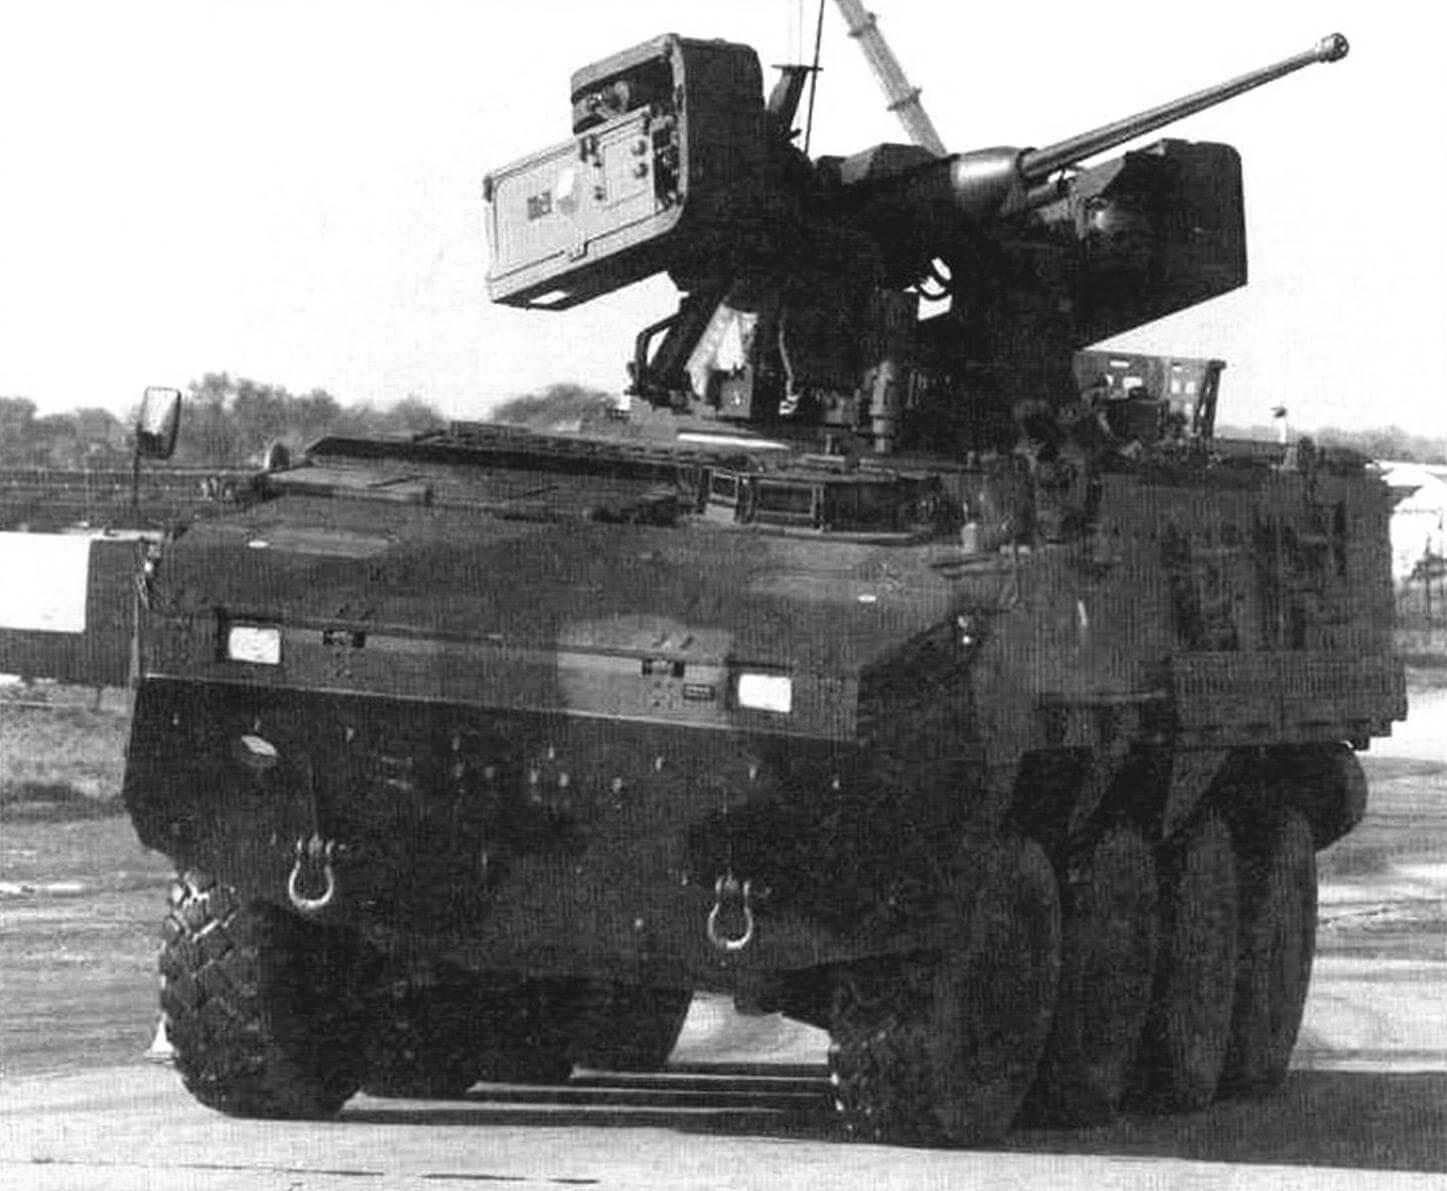 «Пандур» II с дистанционно управляемым модулем Samson-RCWS-30